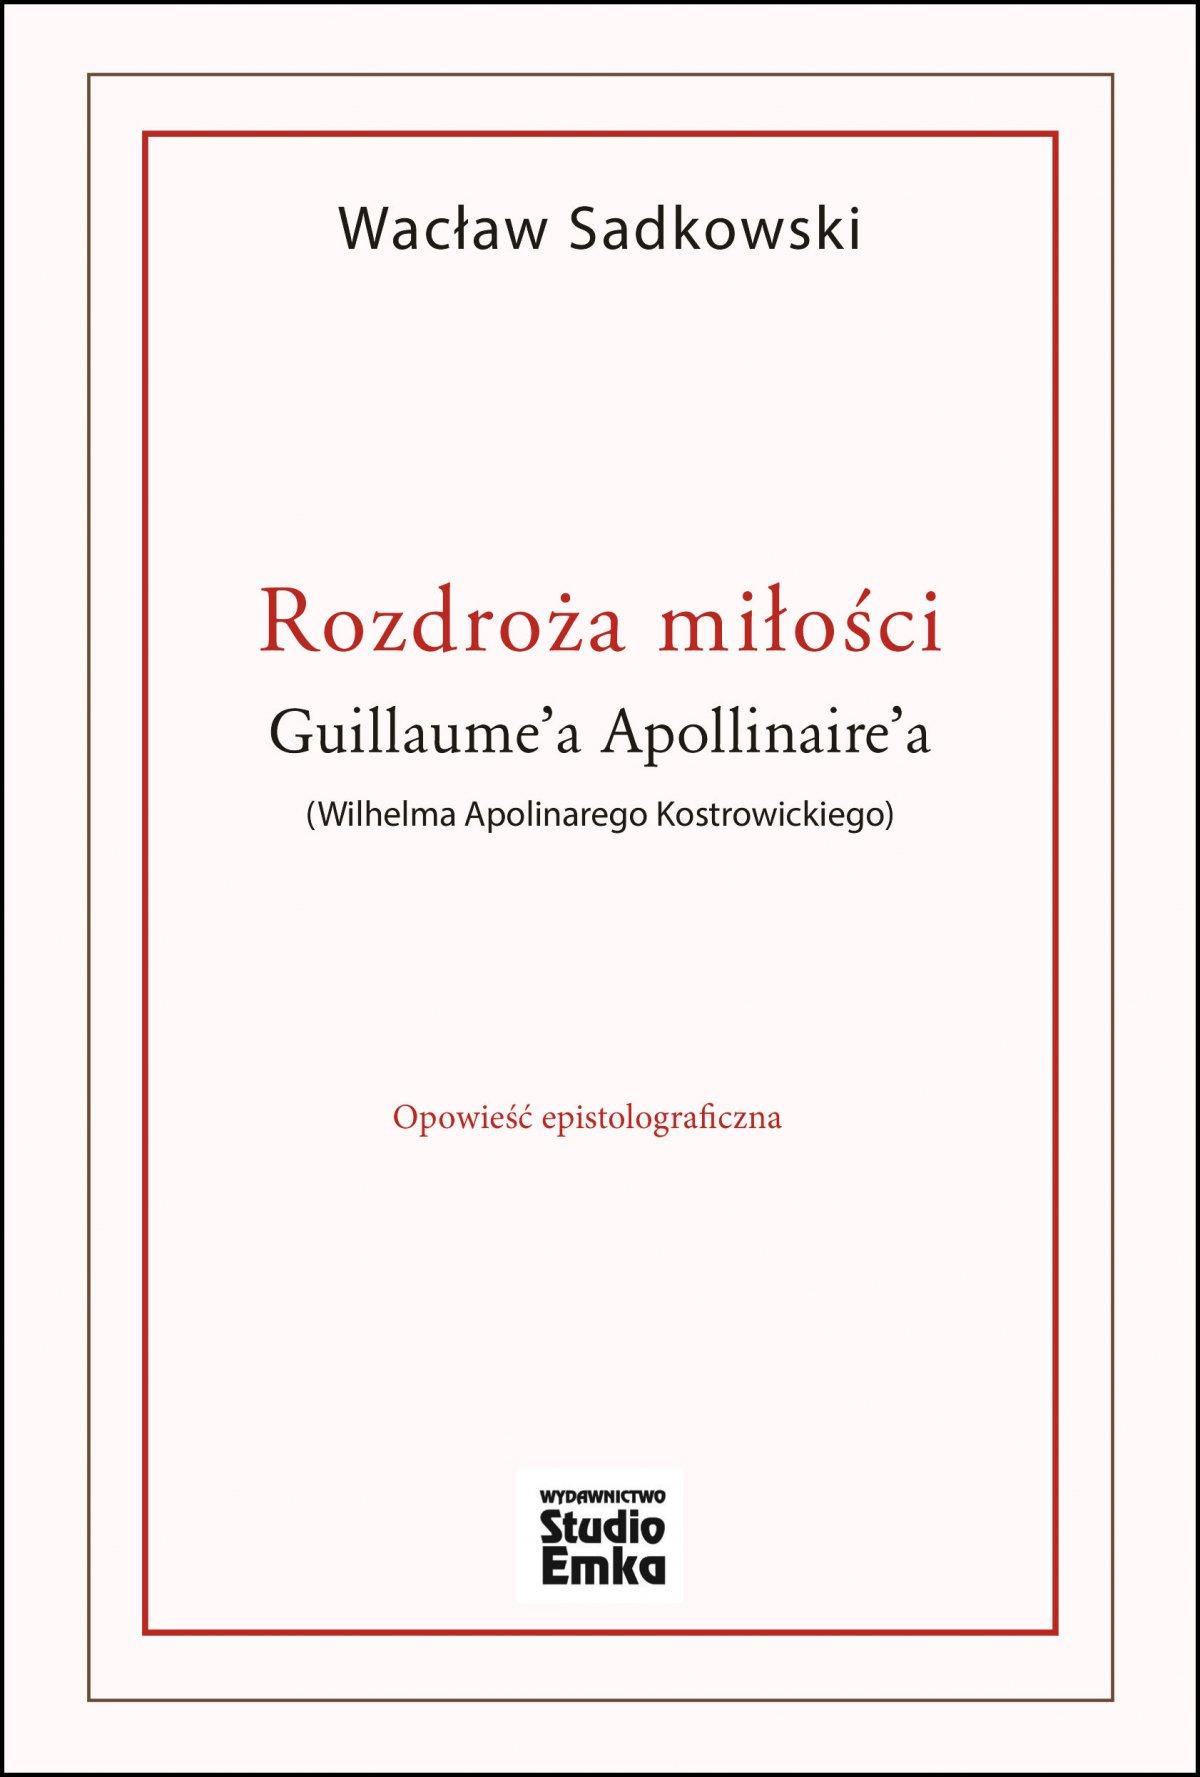 Rozdroża miłości Guillaume'a Apollinaire'a (Wilhelma Apolinarego Kostrowickiego) - Ebook (Książka na Kindle) do pobrania w formacie MOBI